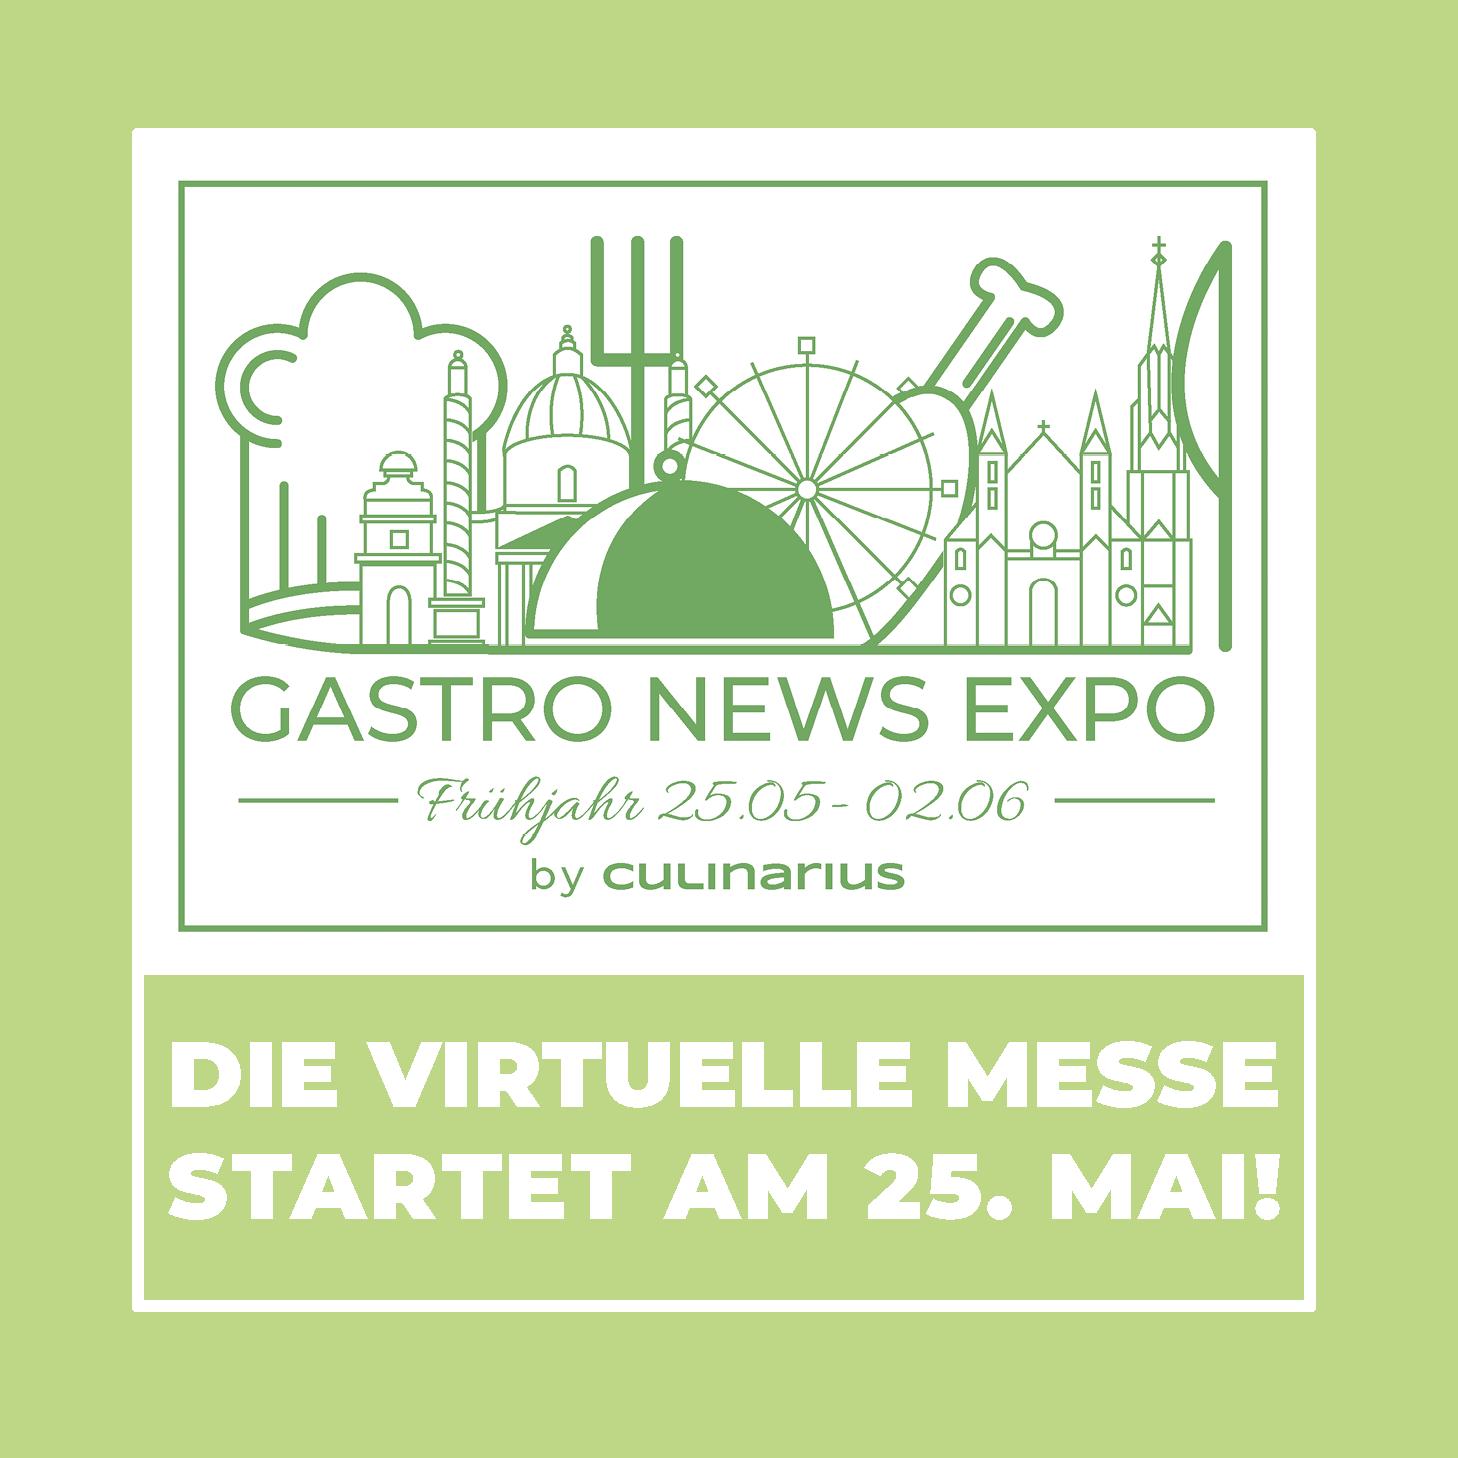 Gastro News Expo 2021 - Newcomer auf einen Klick!